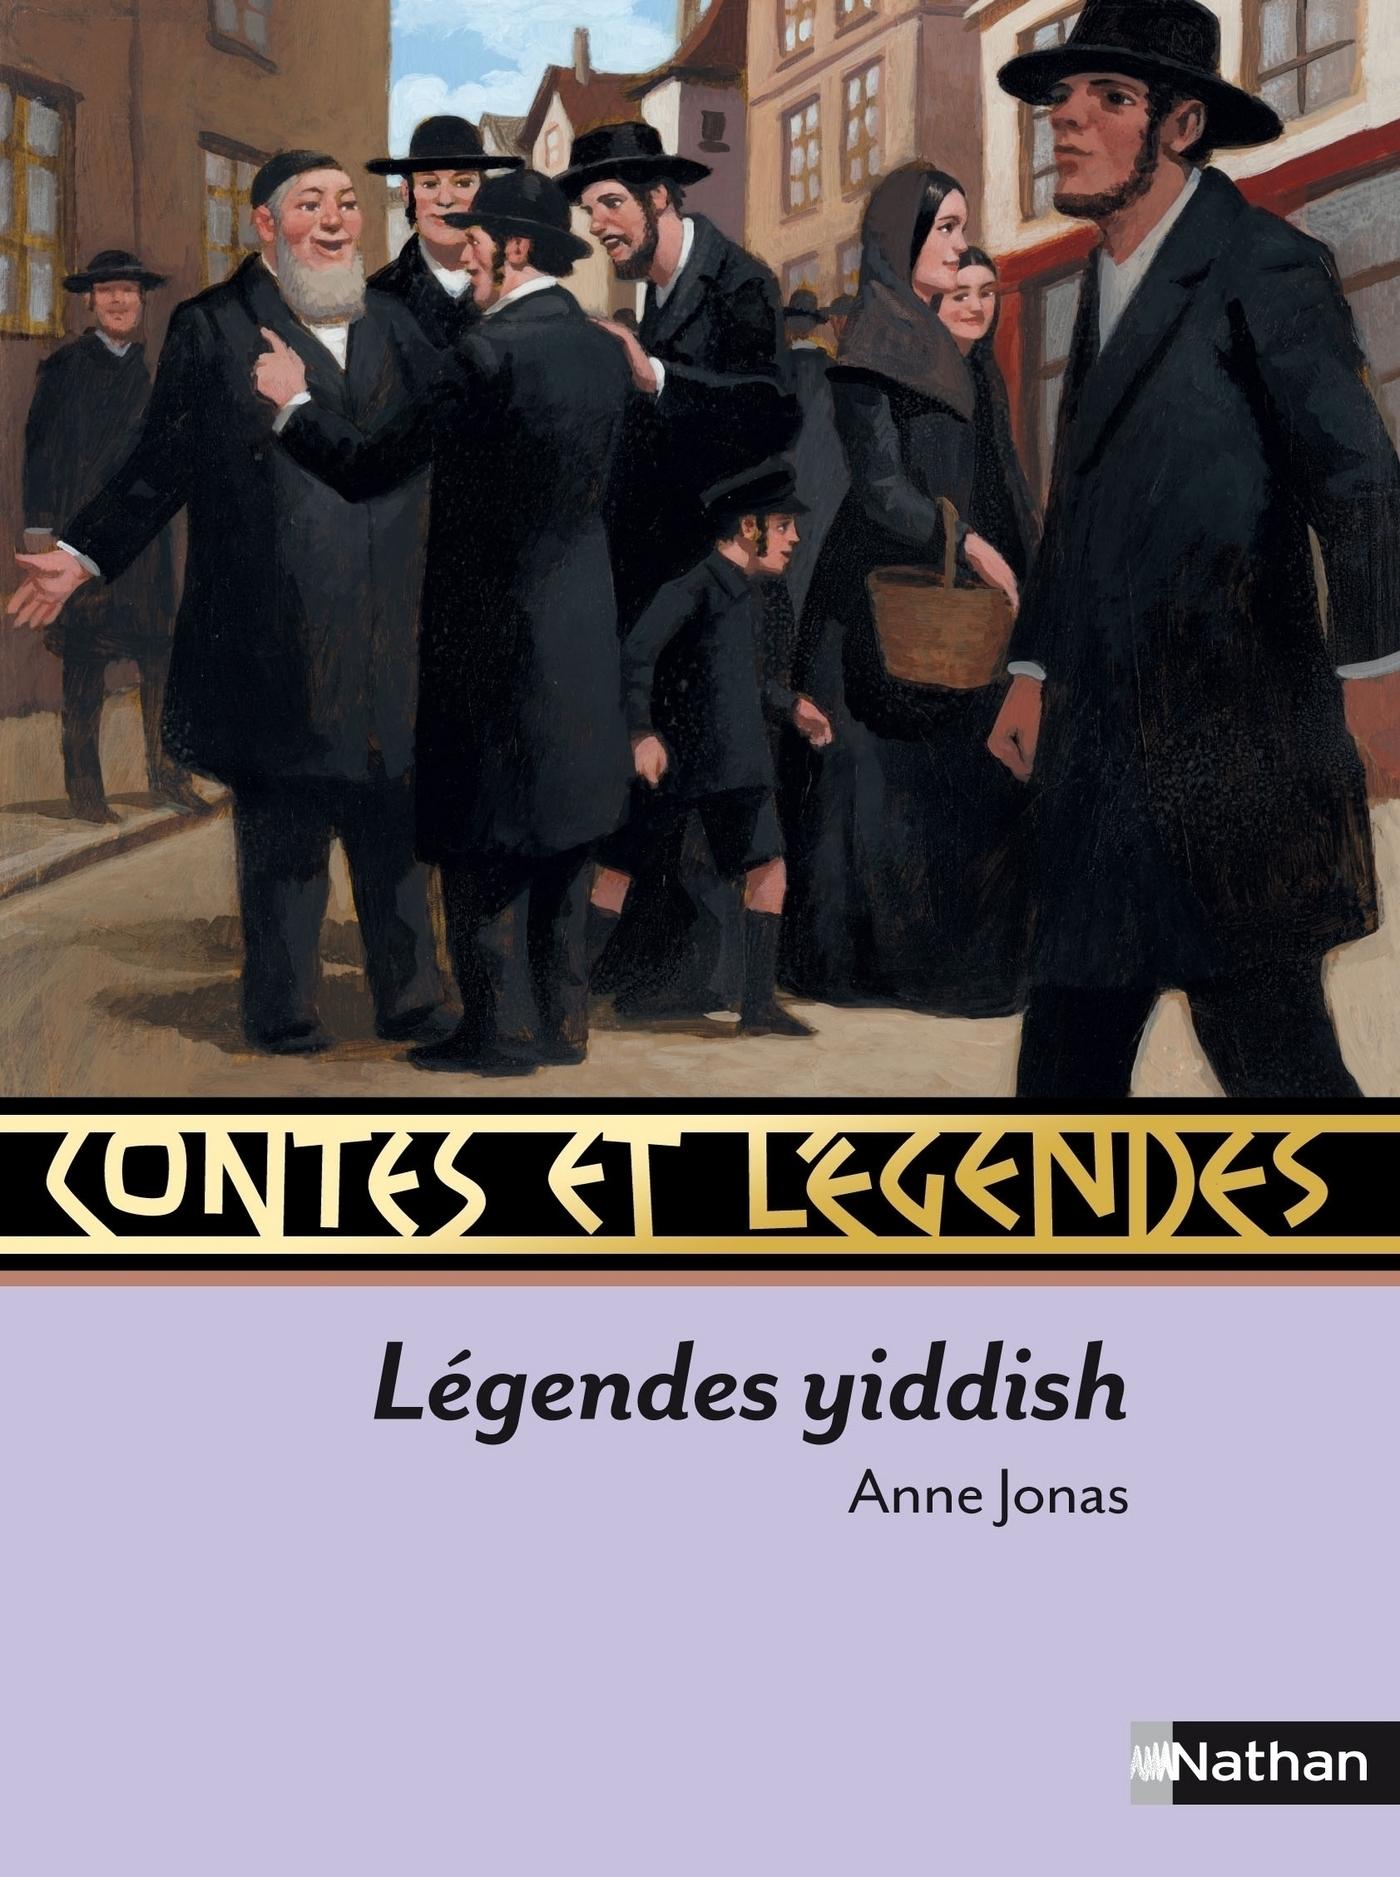 Contes et légendes yiddish